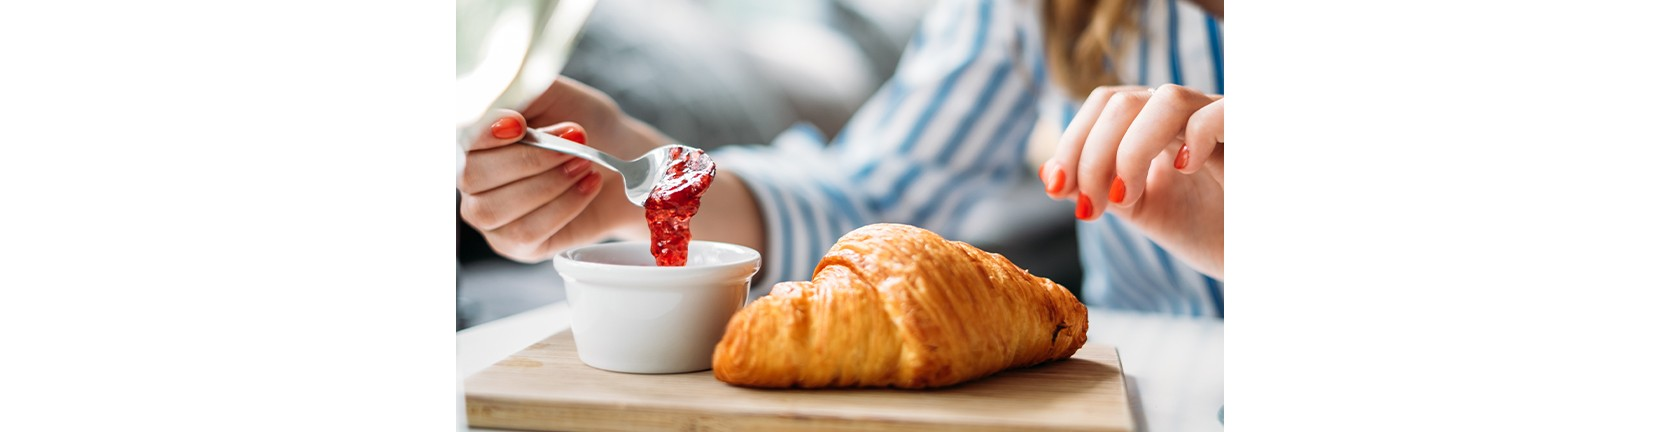 Eine Frau ist im Begriff,  Früchtegelee auf ihr Croissant zu schmieren - der Fokus liegt auf ihren Händen.